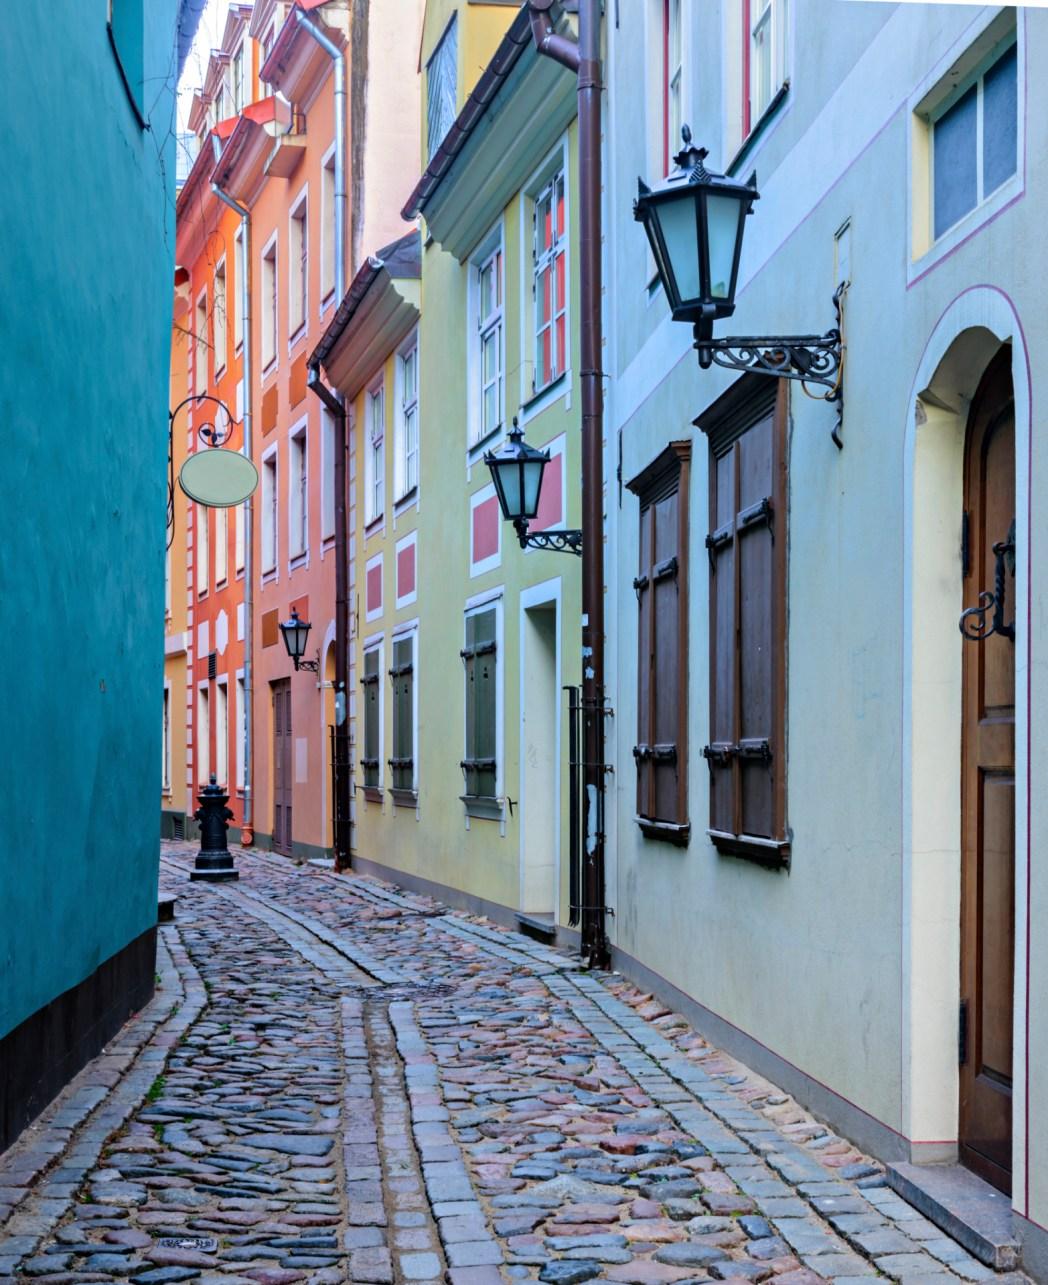 Γραφικό στενάκι στη Ρίγα της Λετονίας